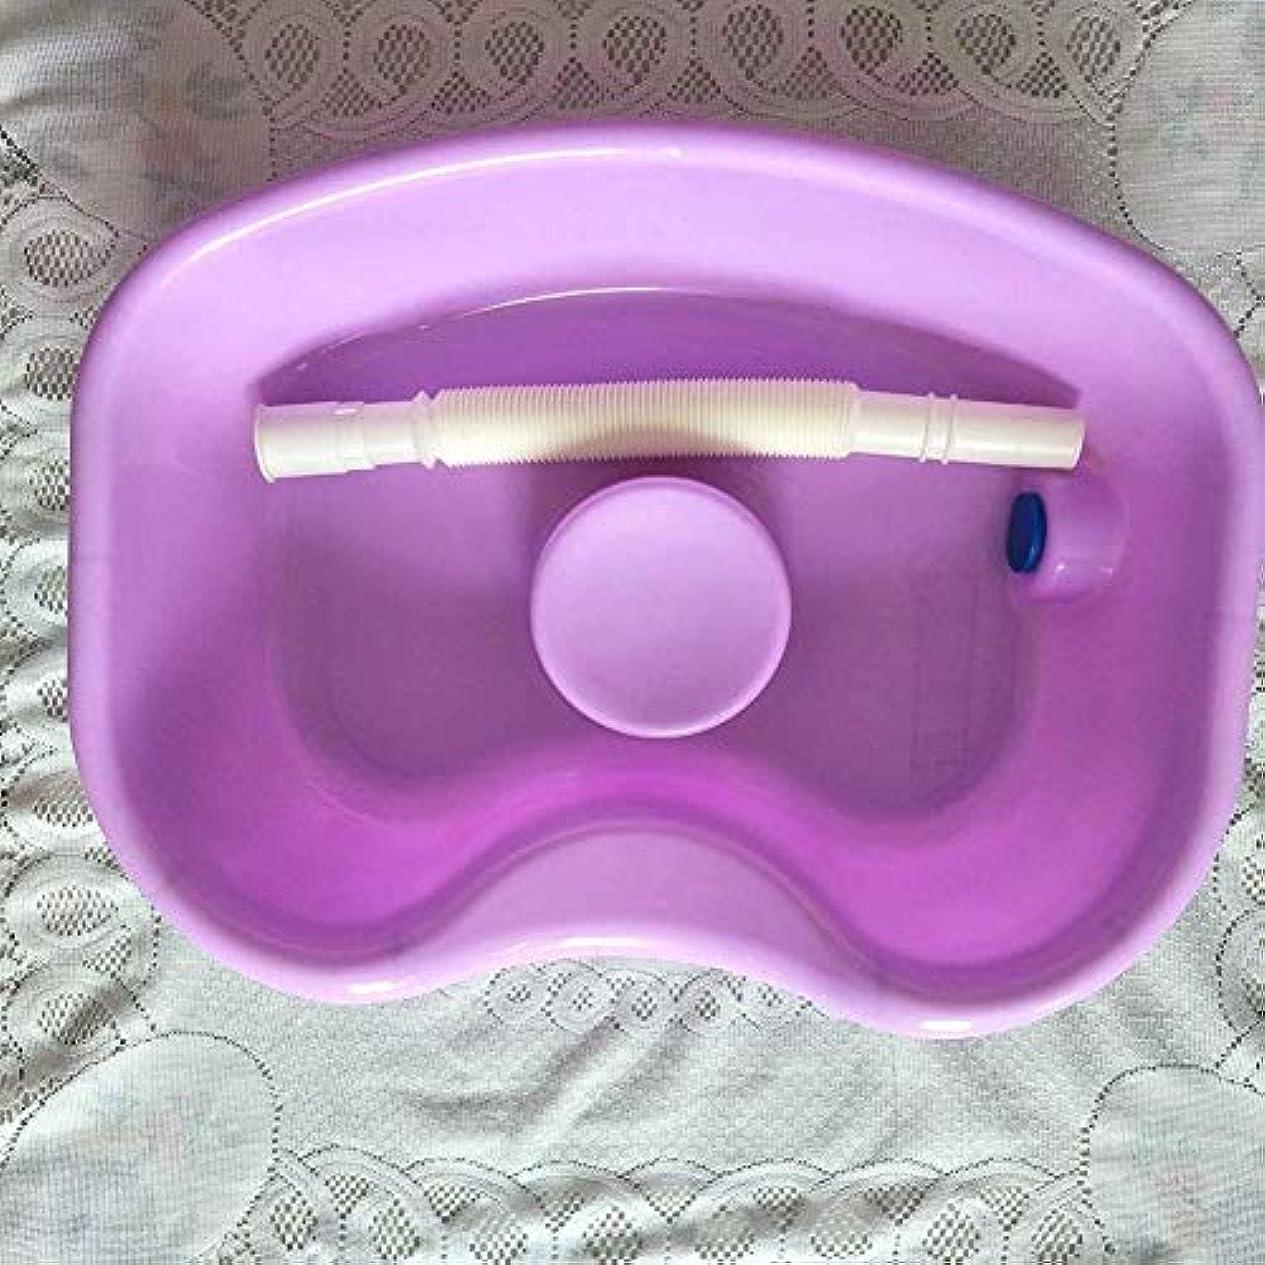 与えるいたずら南東障害のある妊婦の高齢者の寝たきりのための医療の毛の洗面器の皿の家のシャンプーの洗面器